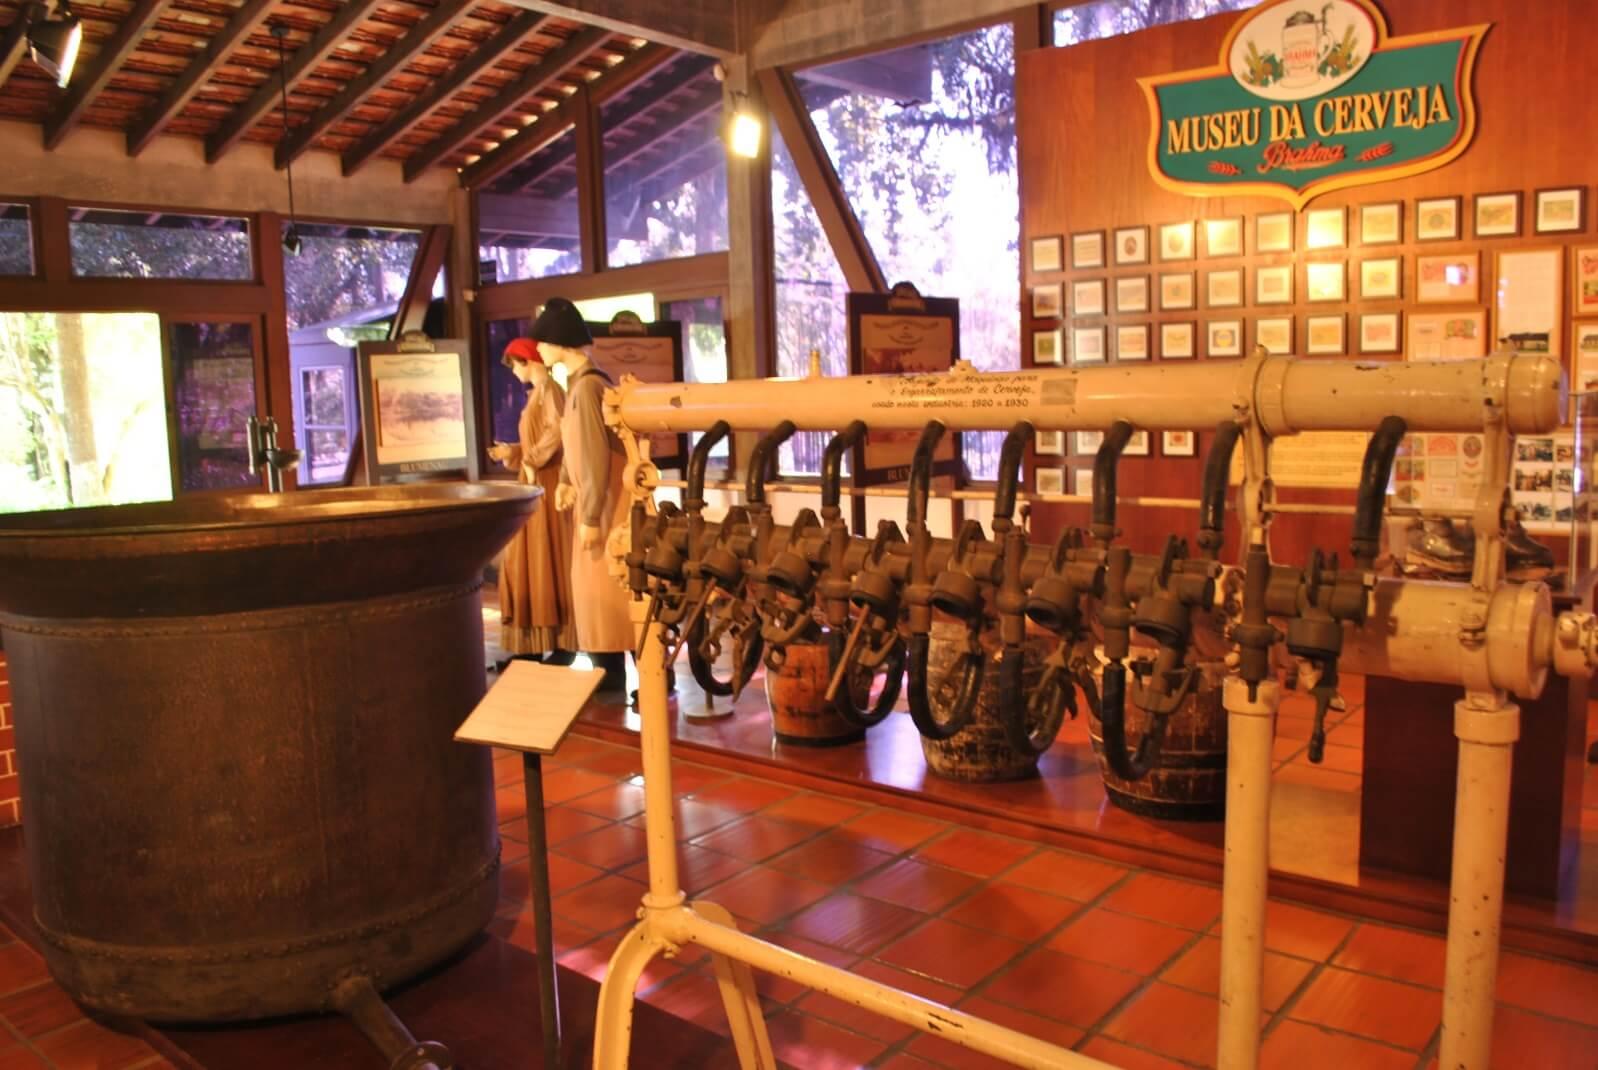 Museu da cerveja em Blumenau interno